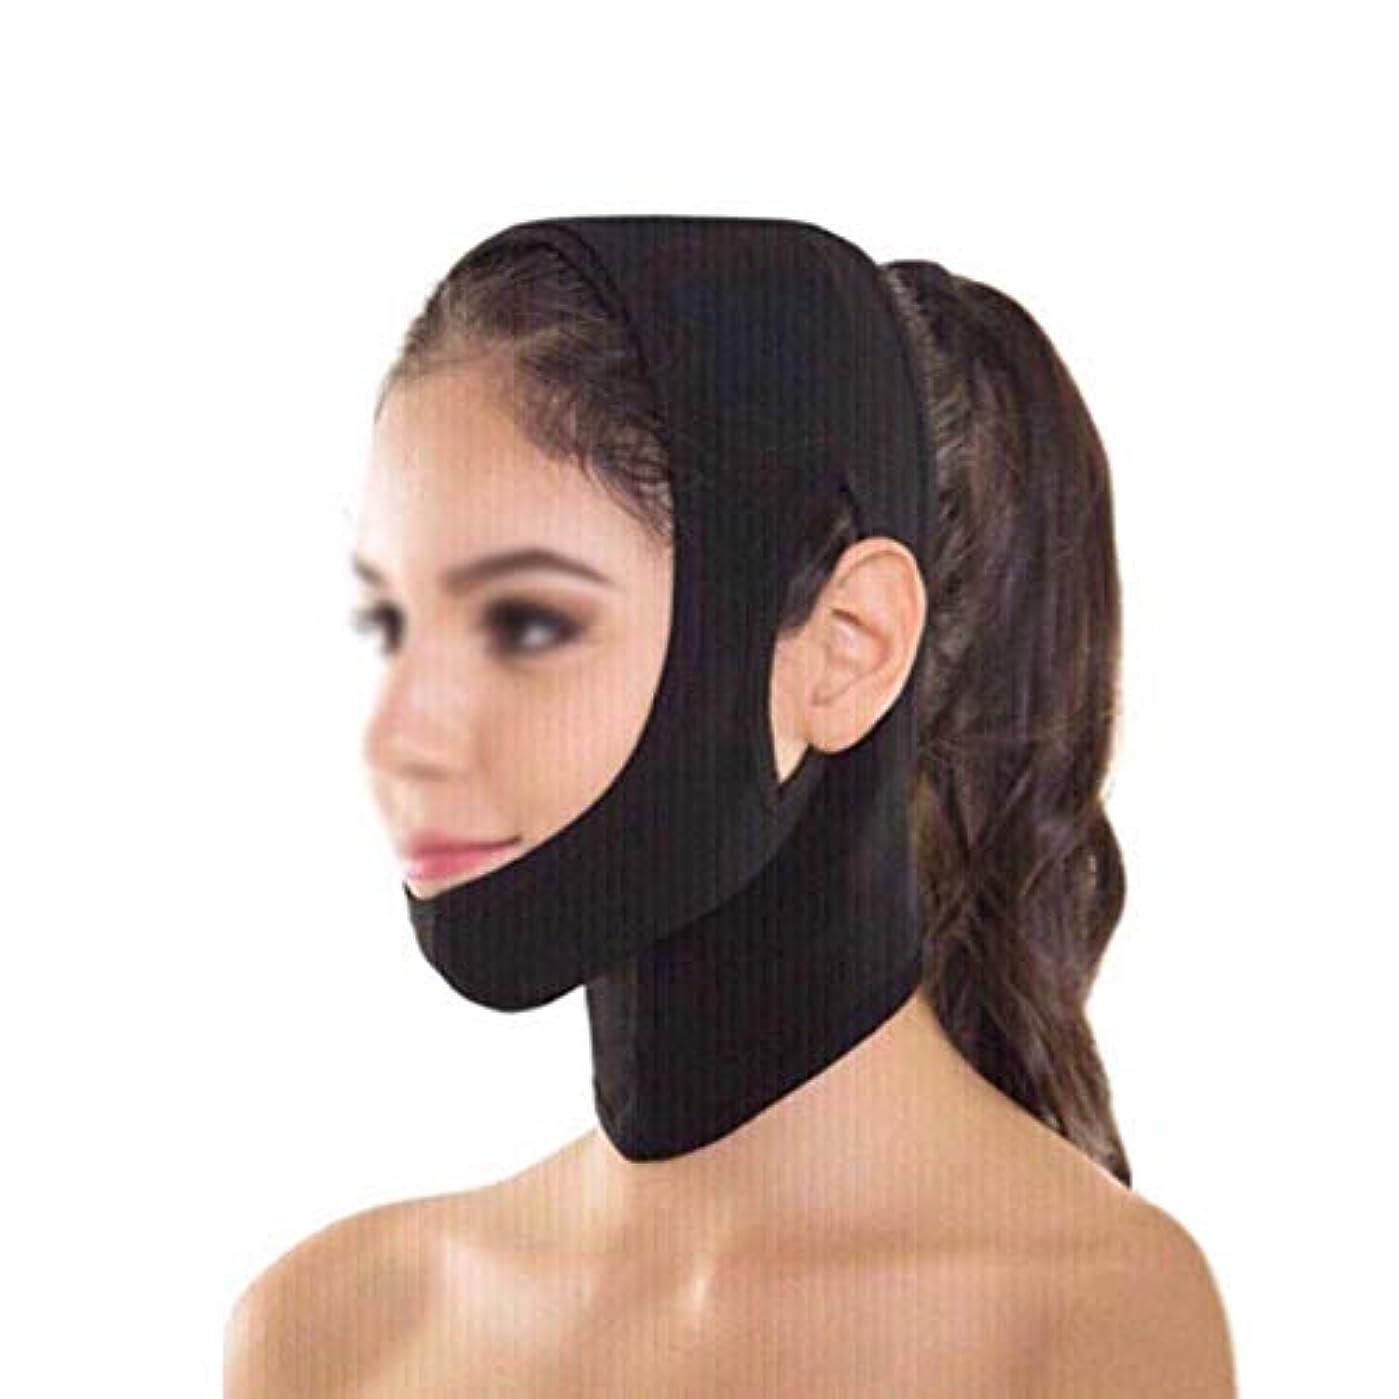 スカート子犬すみませんフェイスリフティングバンデージ、フェイスリフティングマスク、顔面の首と首を持ち上げる、顔を持ち上げて二重あごを減らす(フリーサイズ)(カラー:カーキ色),ブラック